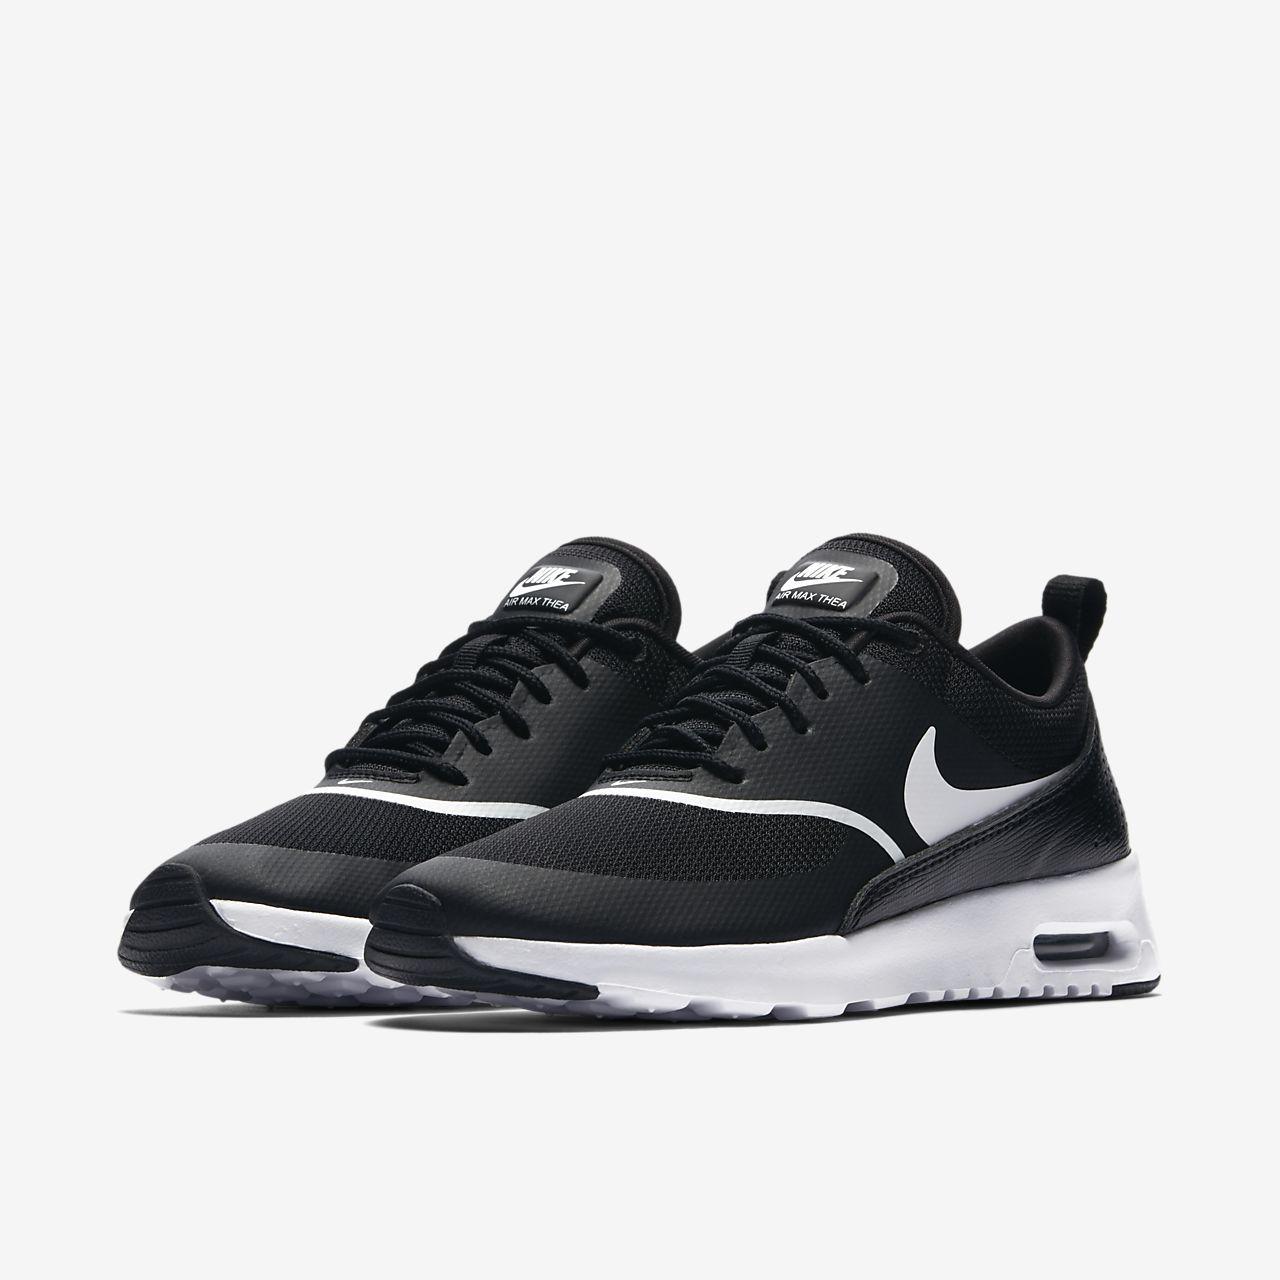 sports shoes c9830 a34ff ... Nike Air Max Thea Womens Shoe